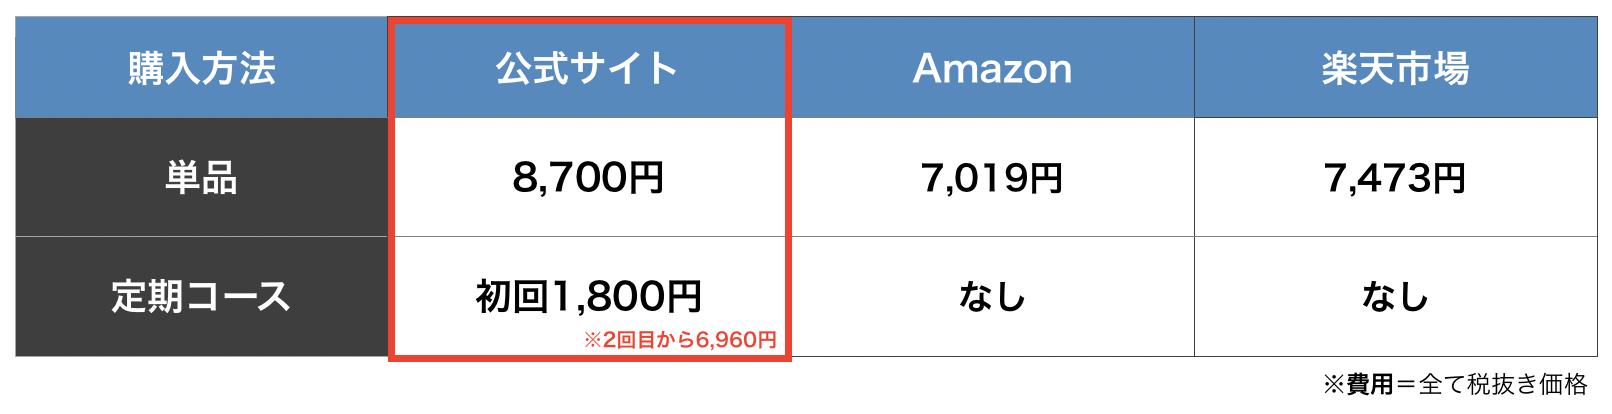 公式サイト・Amazon・楽天市場の購入方法で比較